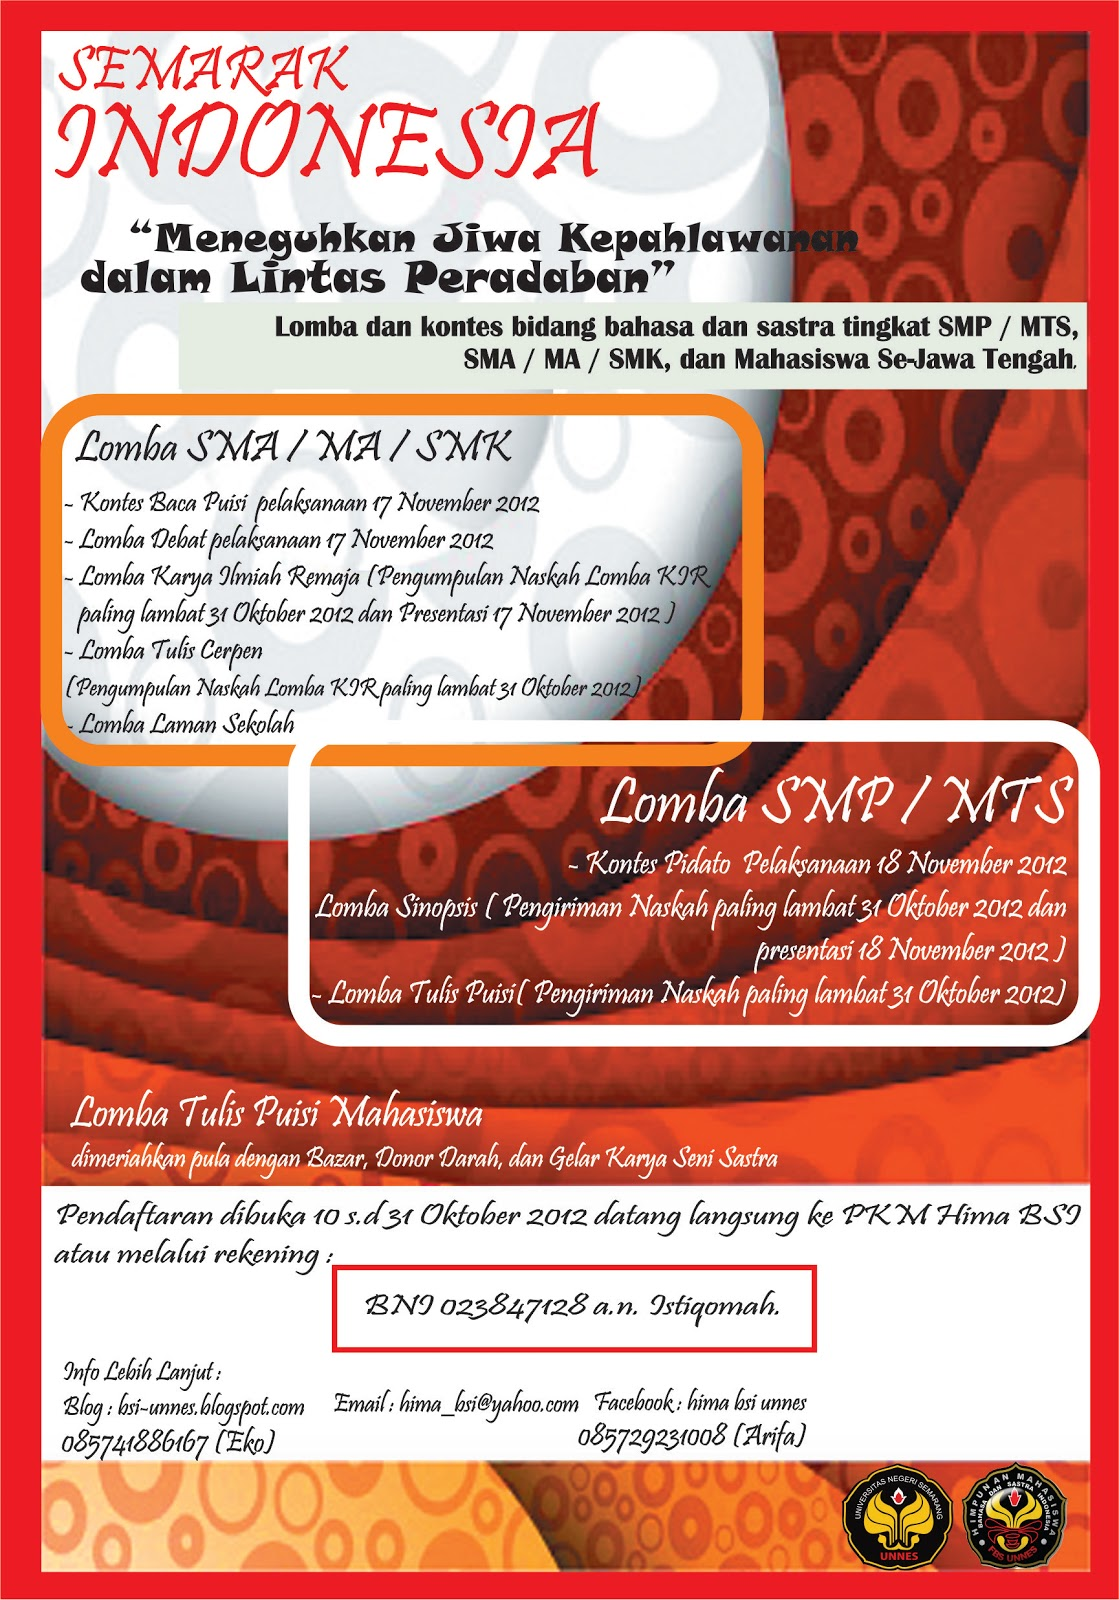 Update) Pendaftaran diperpanjang hingga 7 Nov 2012